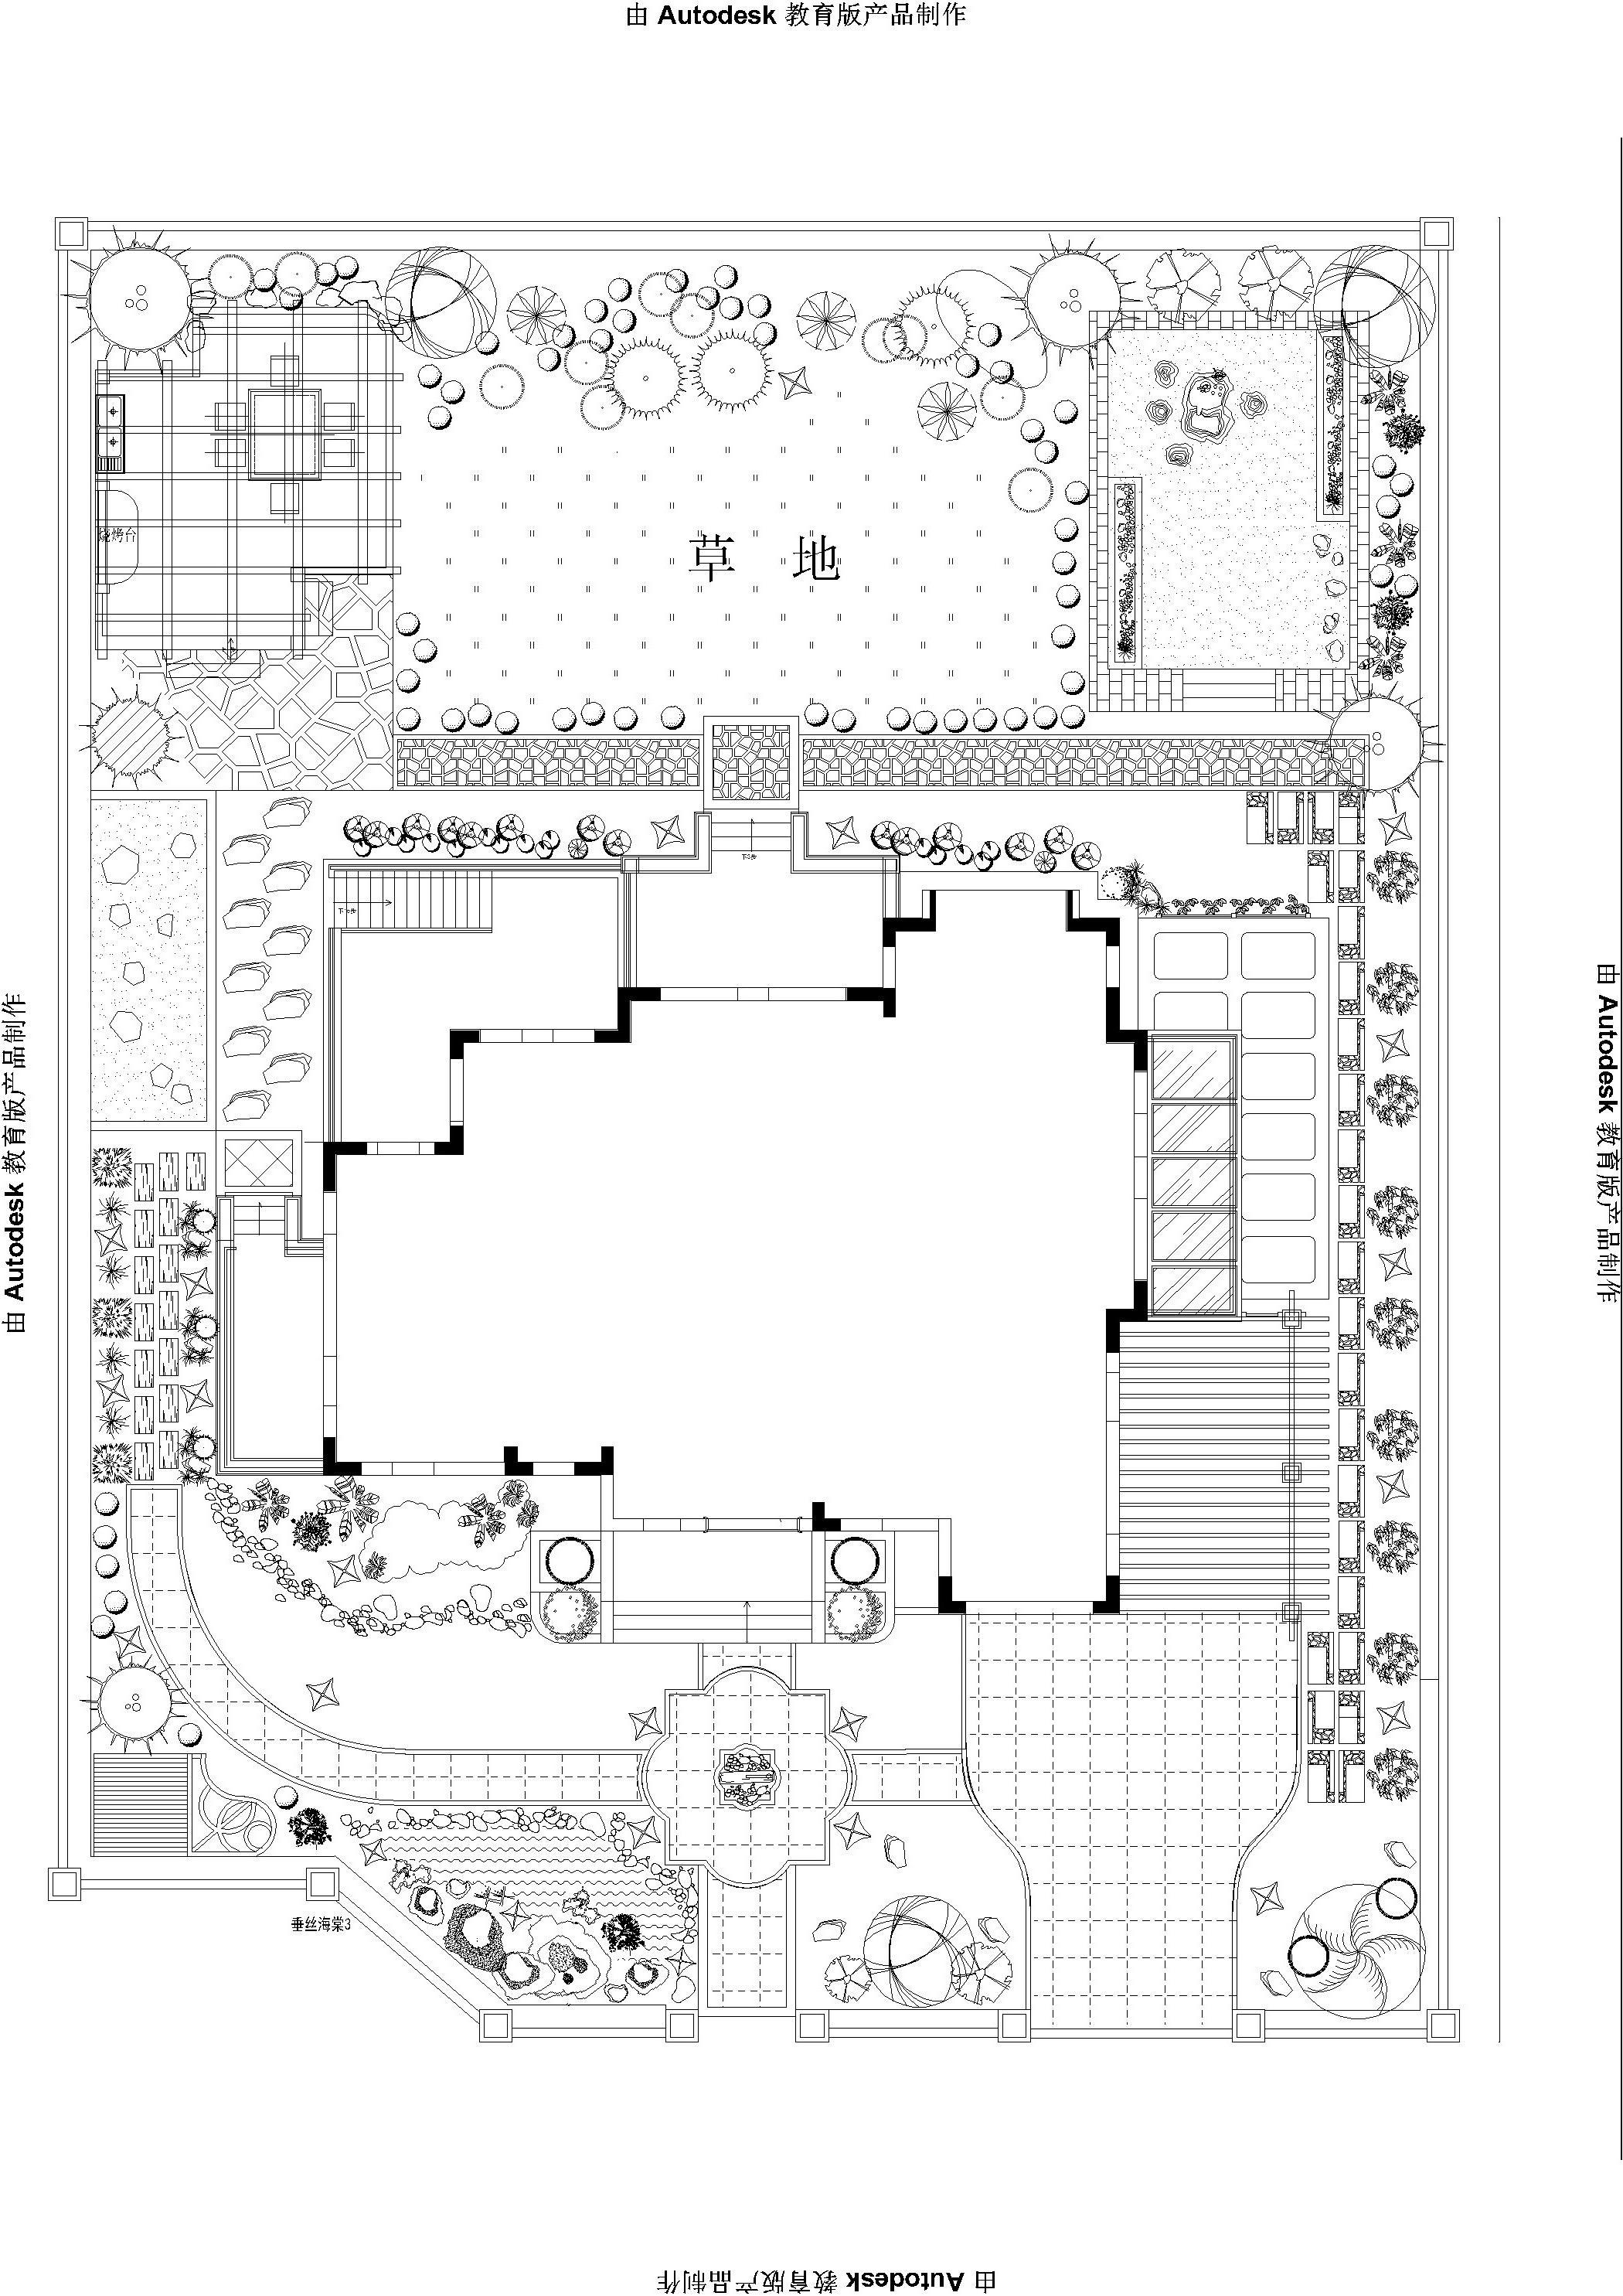 庭院设计cad图 空间 室内设计 hoipunchui - 原创作品